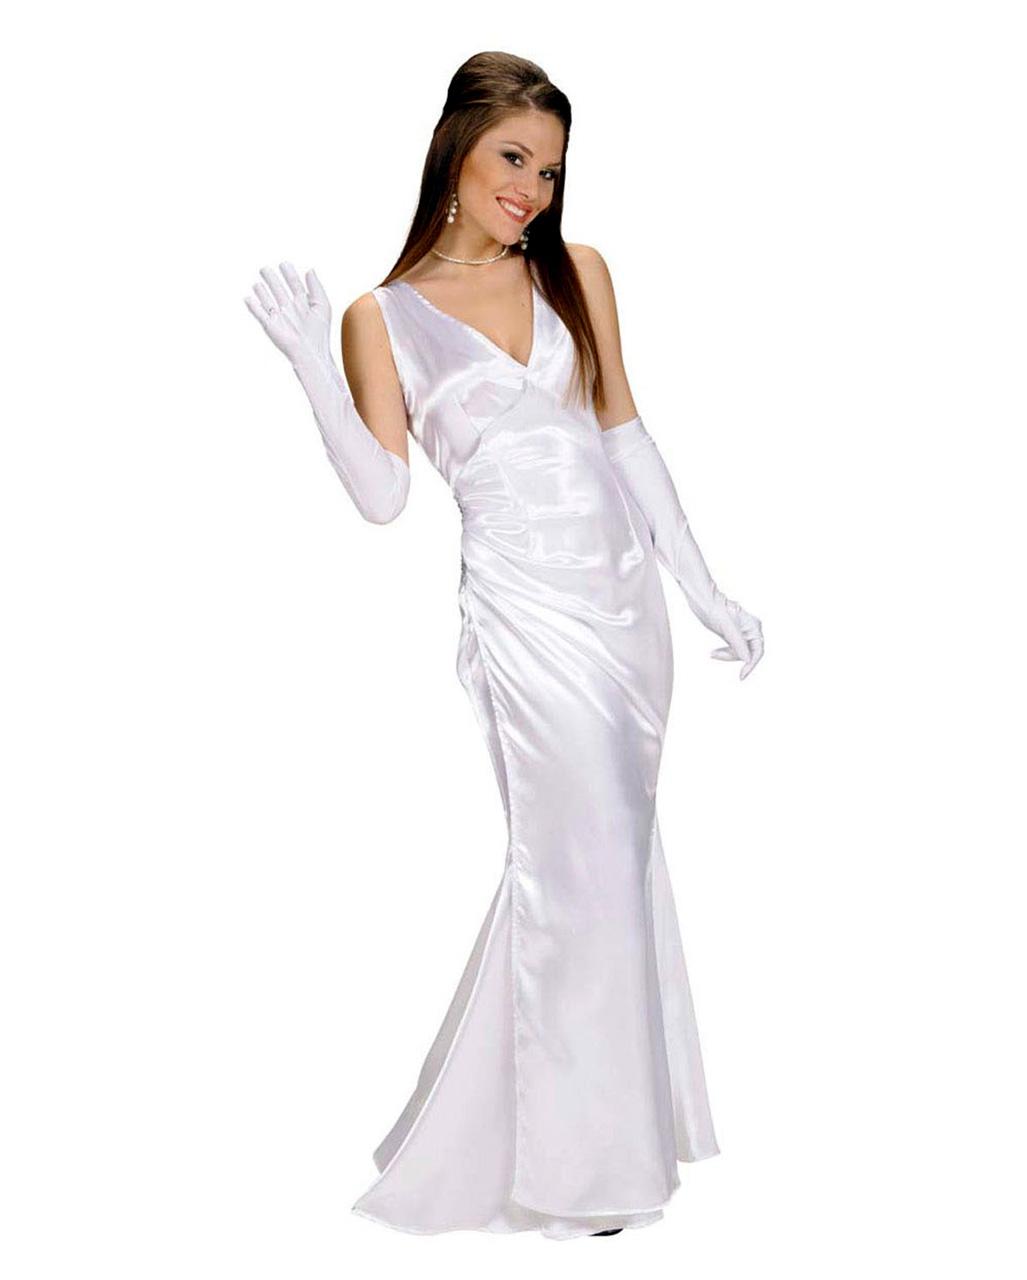 Abendkleid weiß Gr.S als Prom Queen Kostüm